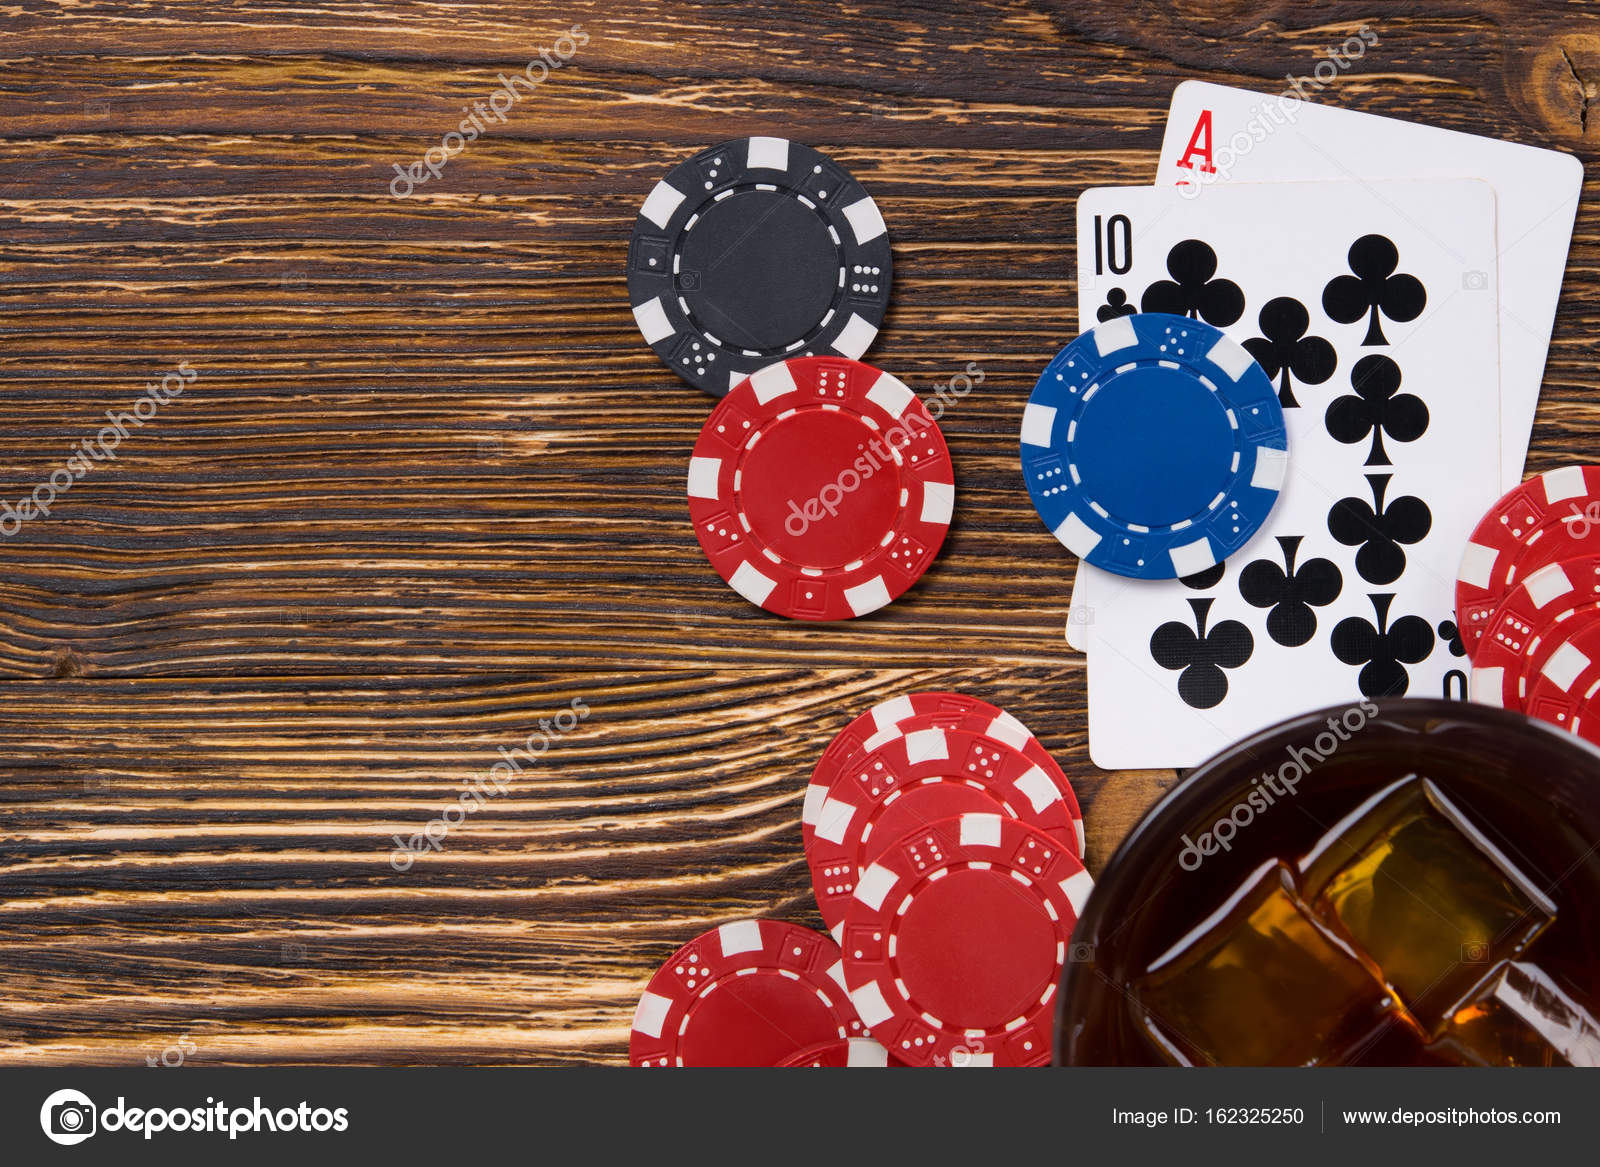 Online gambling summit usa